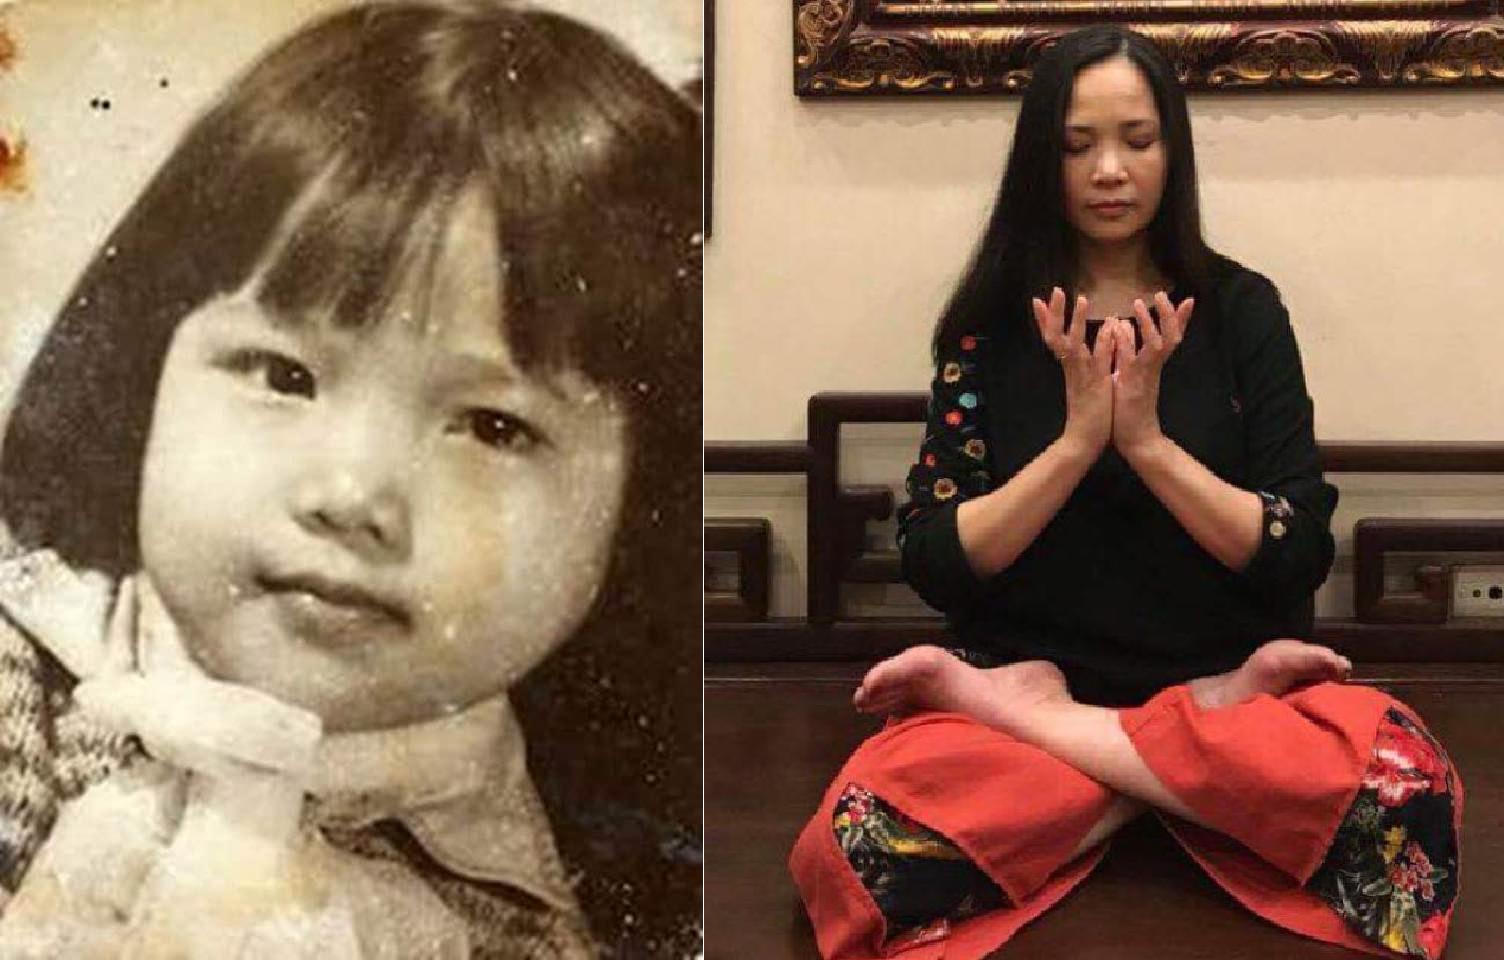 Nghệ sĩ múa Lê Vy: Ký ức về mẹ và món quà tri ân Chân Thiện Nhẫn